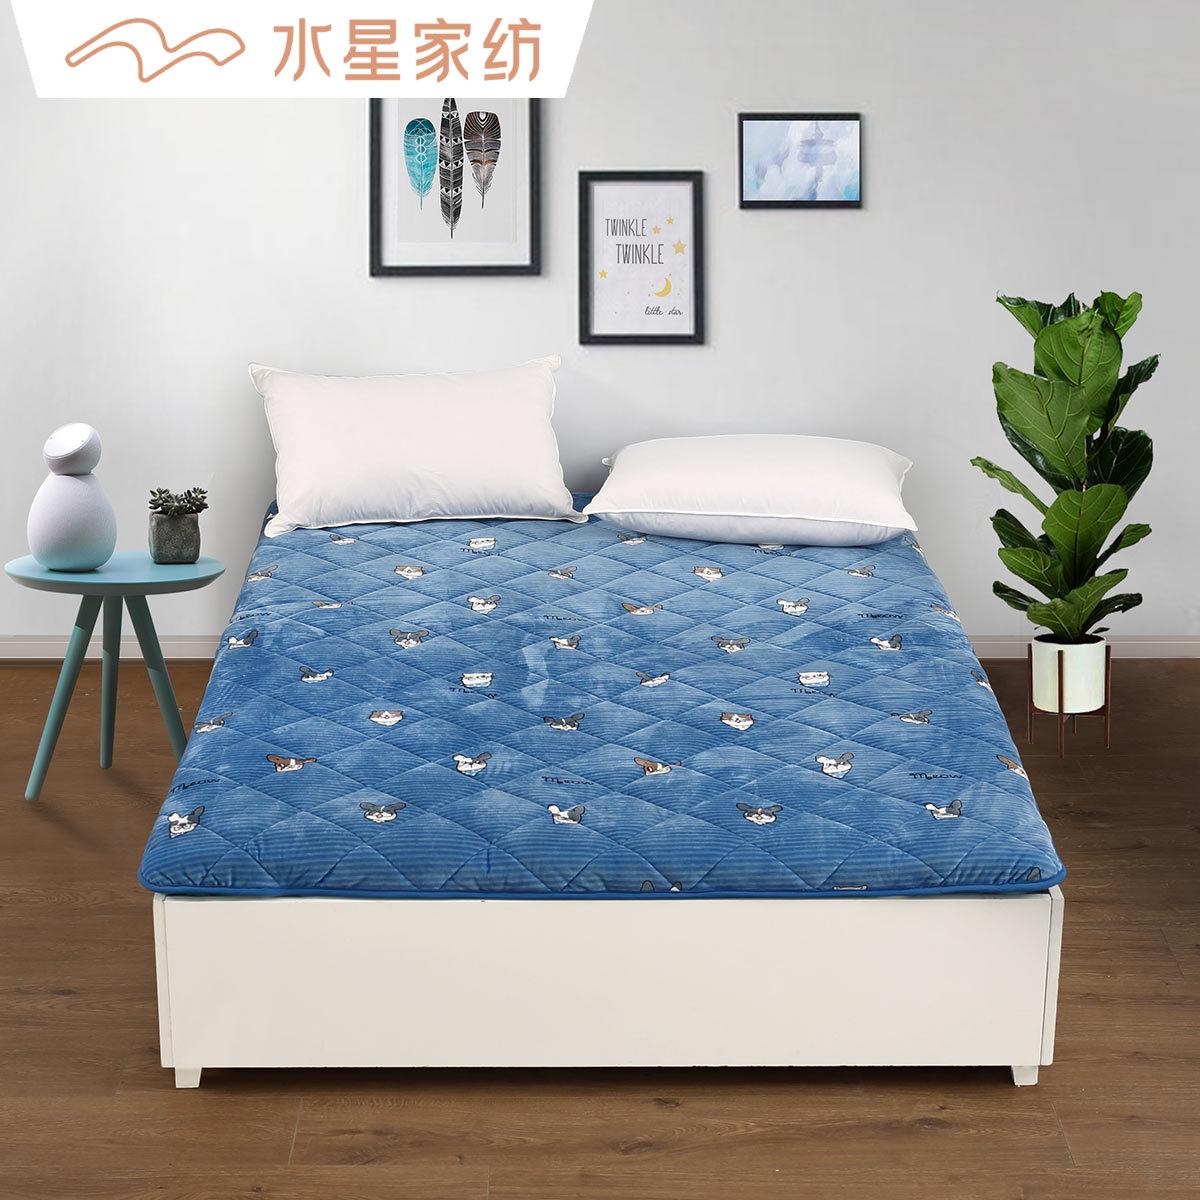 水星家纺软垫榻榻米保护垫子床垫12月01日最新优惠